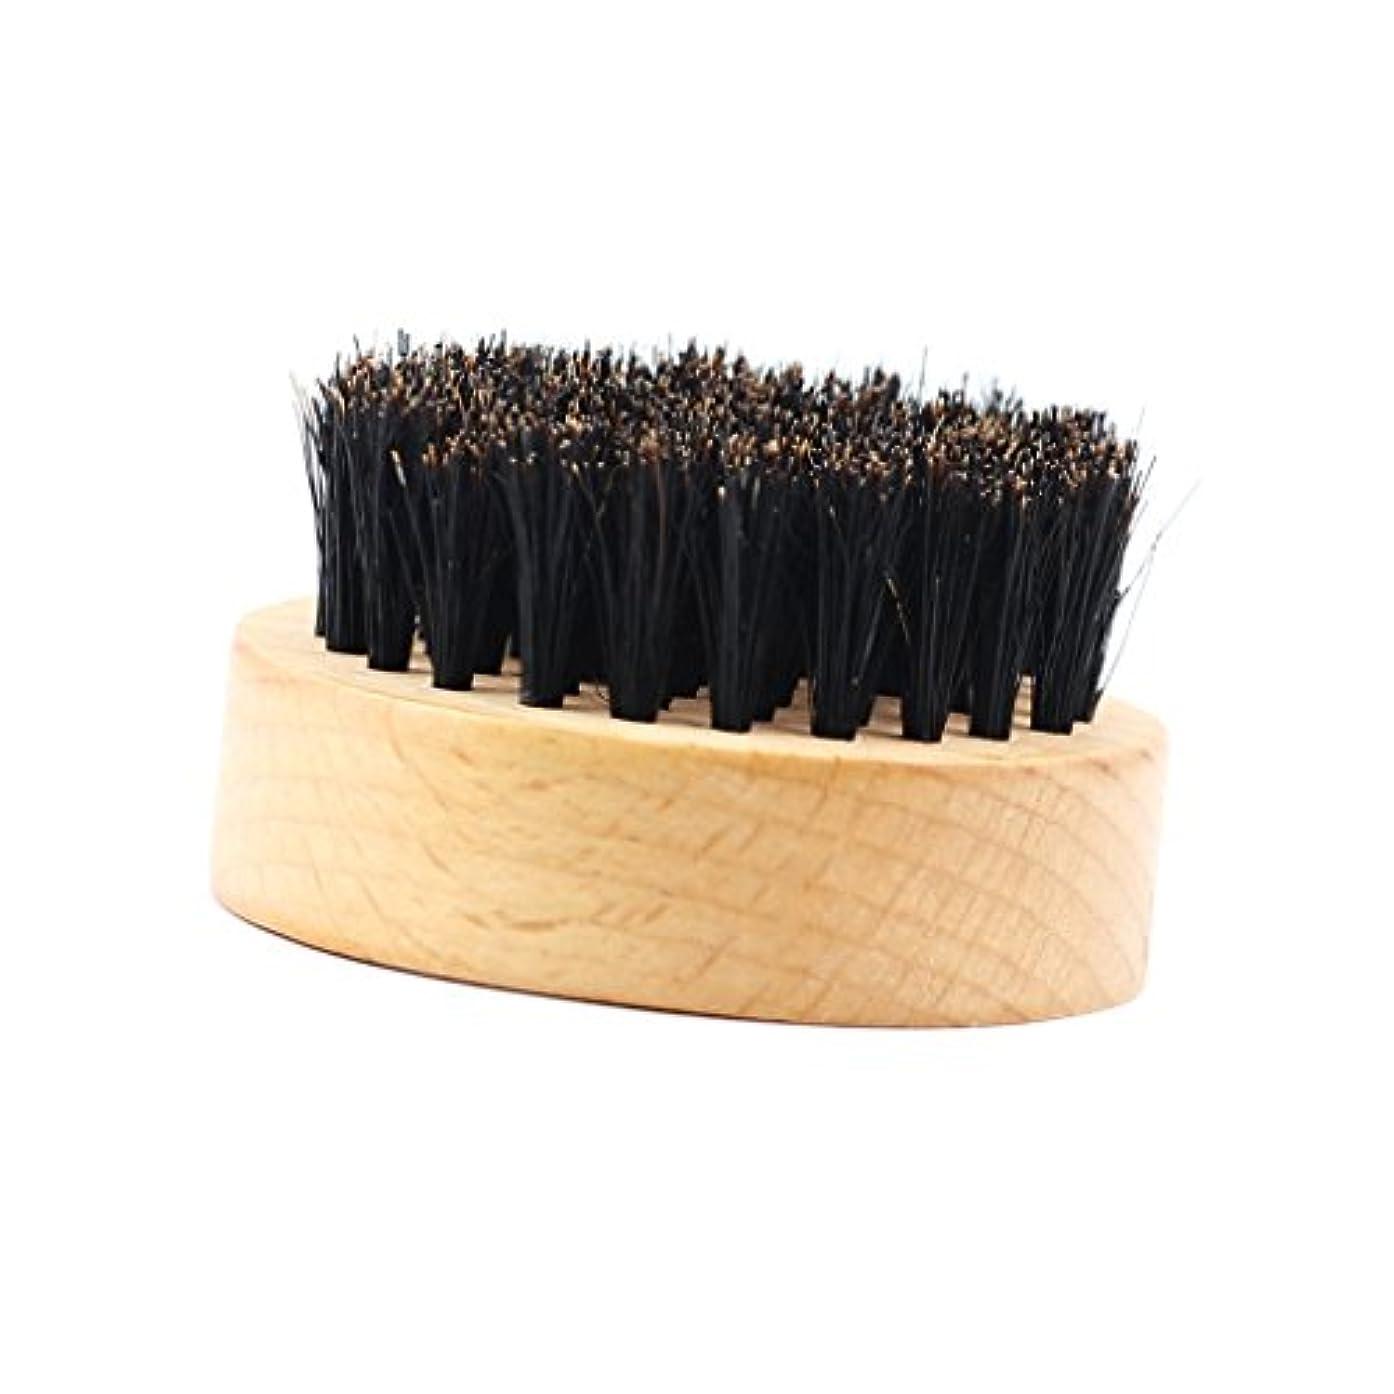 醸造所従事したにじみ出るひげのブラシおよびオイルのためのひげのブラシの天然木の顔のヘアブラシ - 柔らかくなり、かゆみを調整するのを助けます - #2